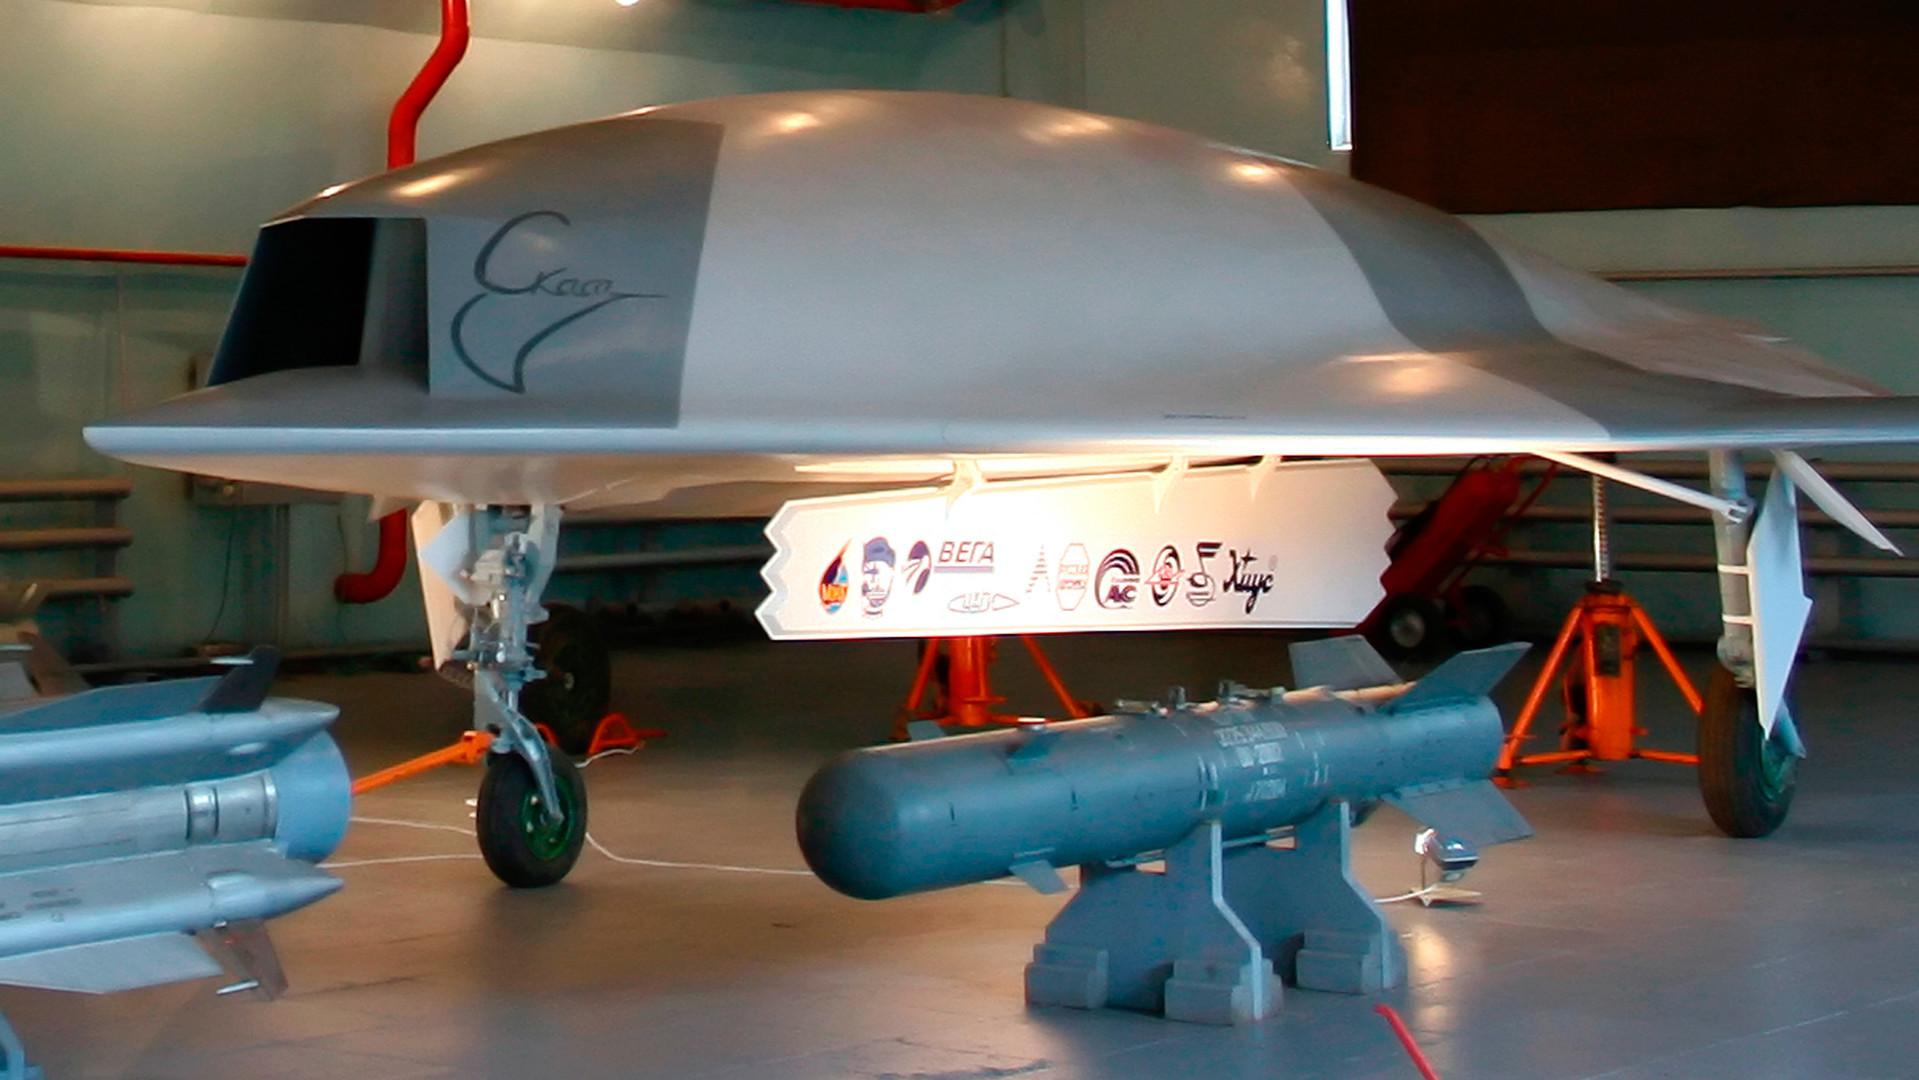 Model brezpilotnika Skat v naravni velikosti (zadaj) in bombe KAB-500 (spredaj) v hangarju ruskega letalskega proizvajalca MiG na 8. letalskem mitingu MAKS-2007 v kraju Žukovski.